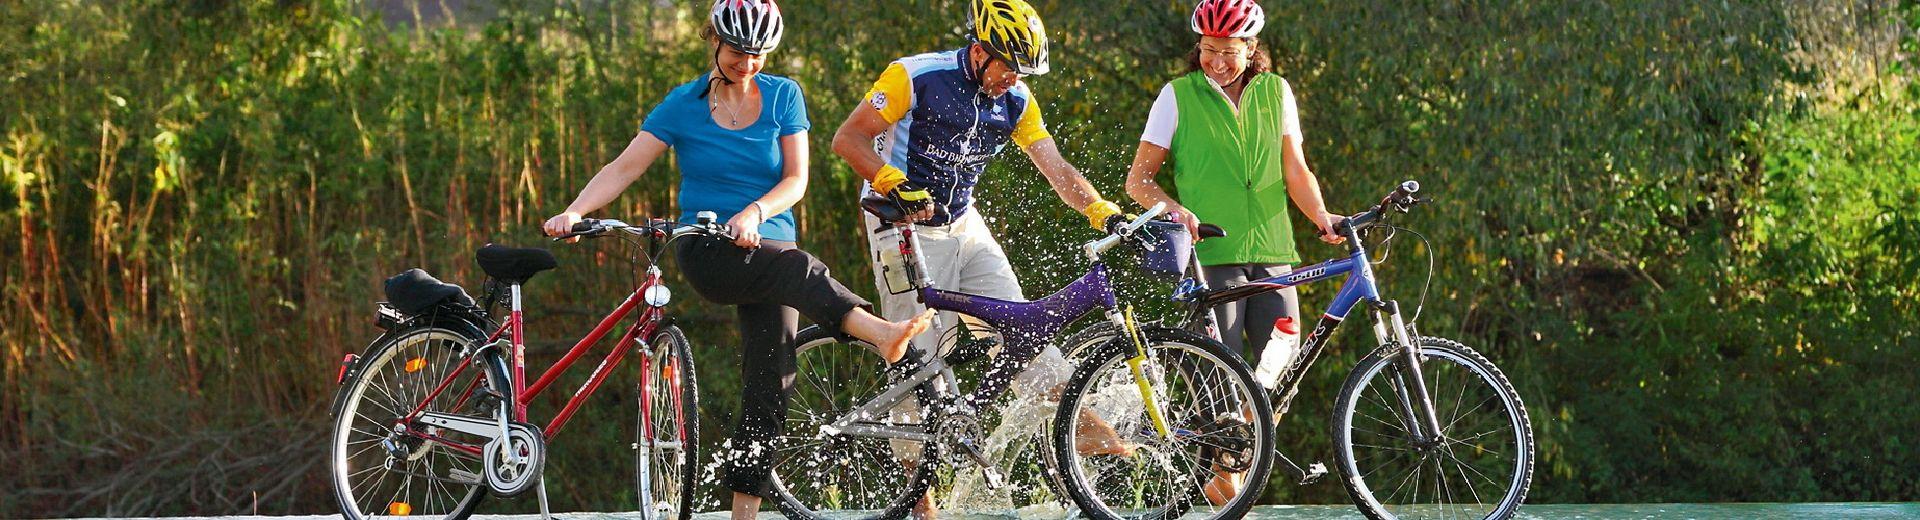 Traumtouren für Radfahrer